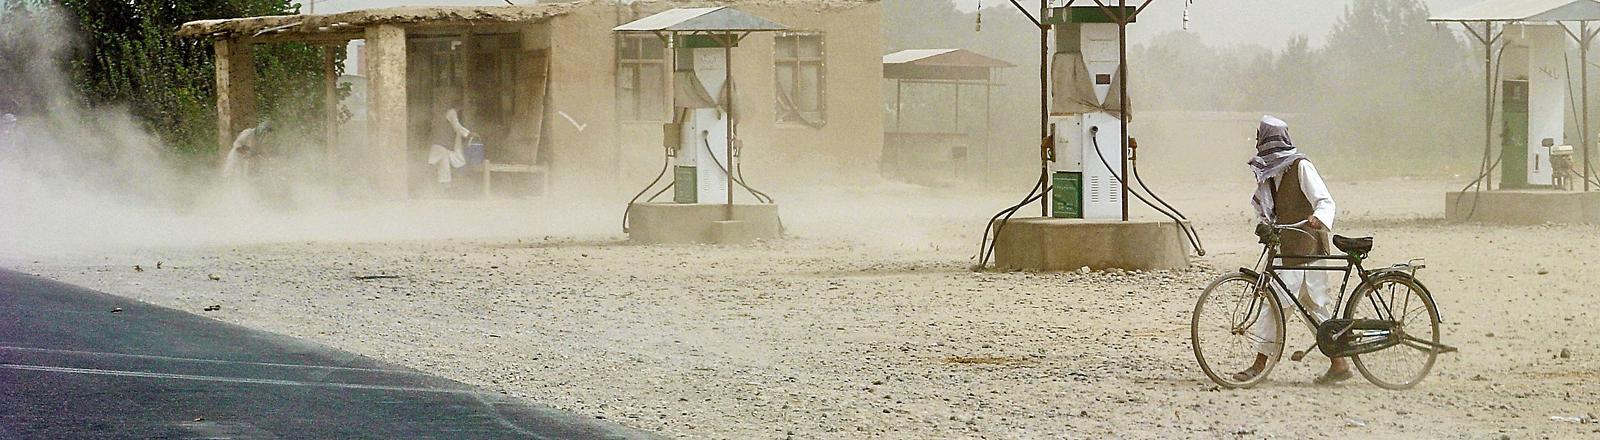 Eine staubige Straße an einer Tankstelle in Afghanistan.